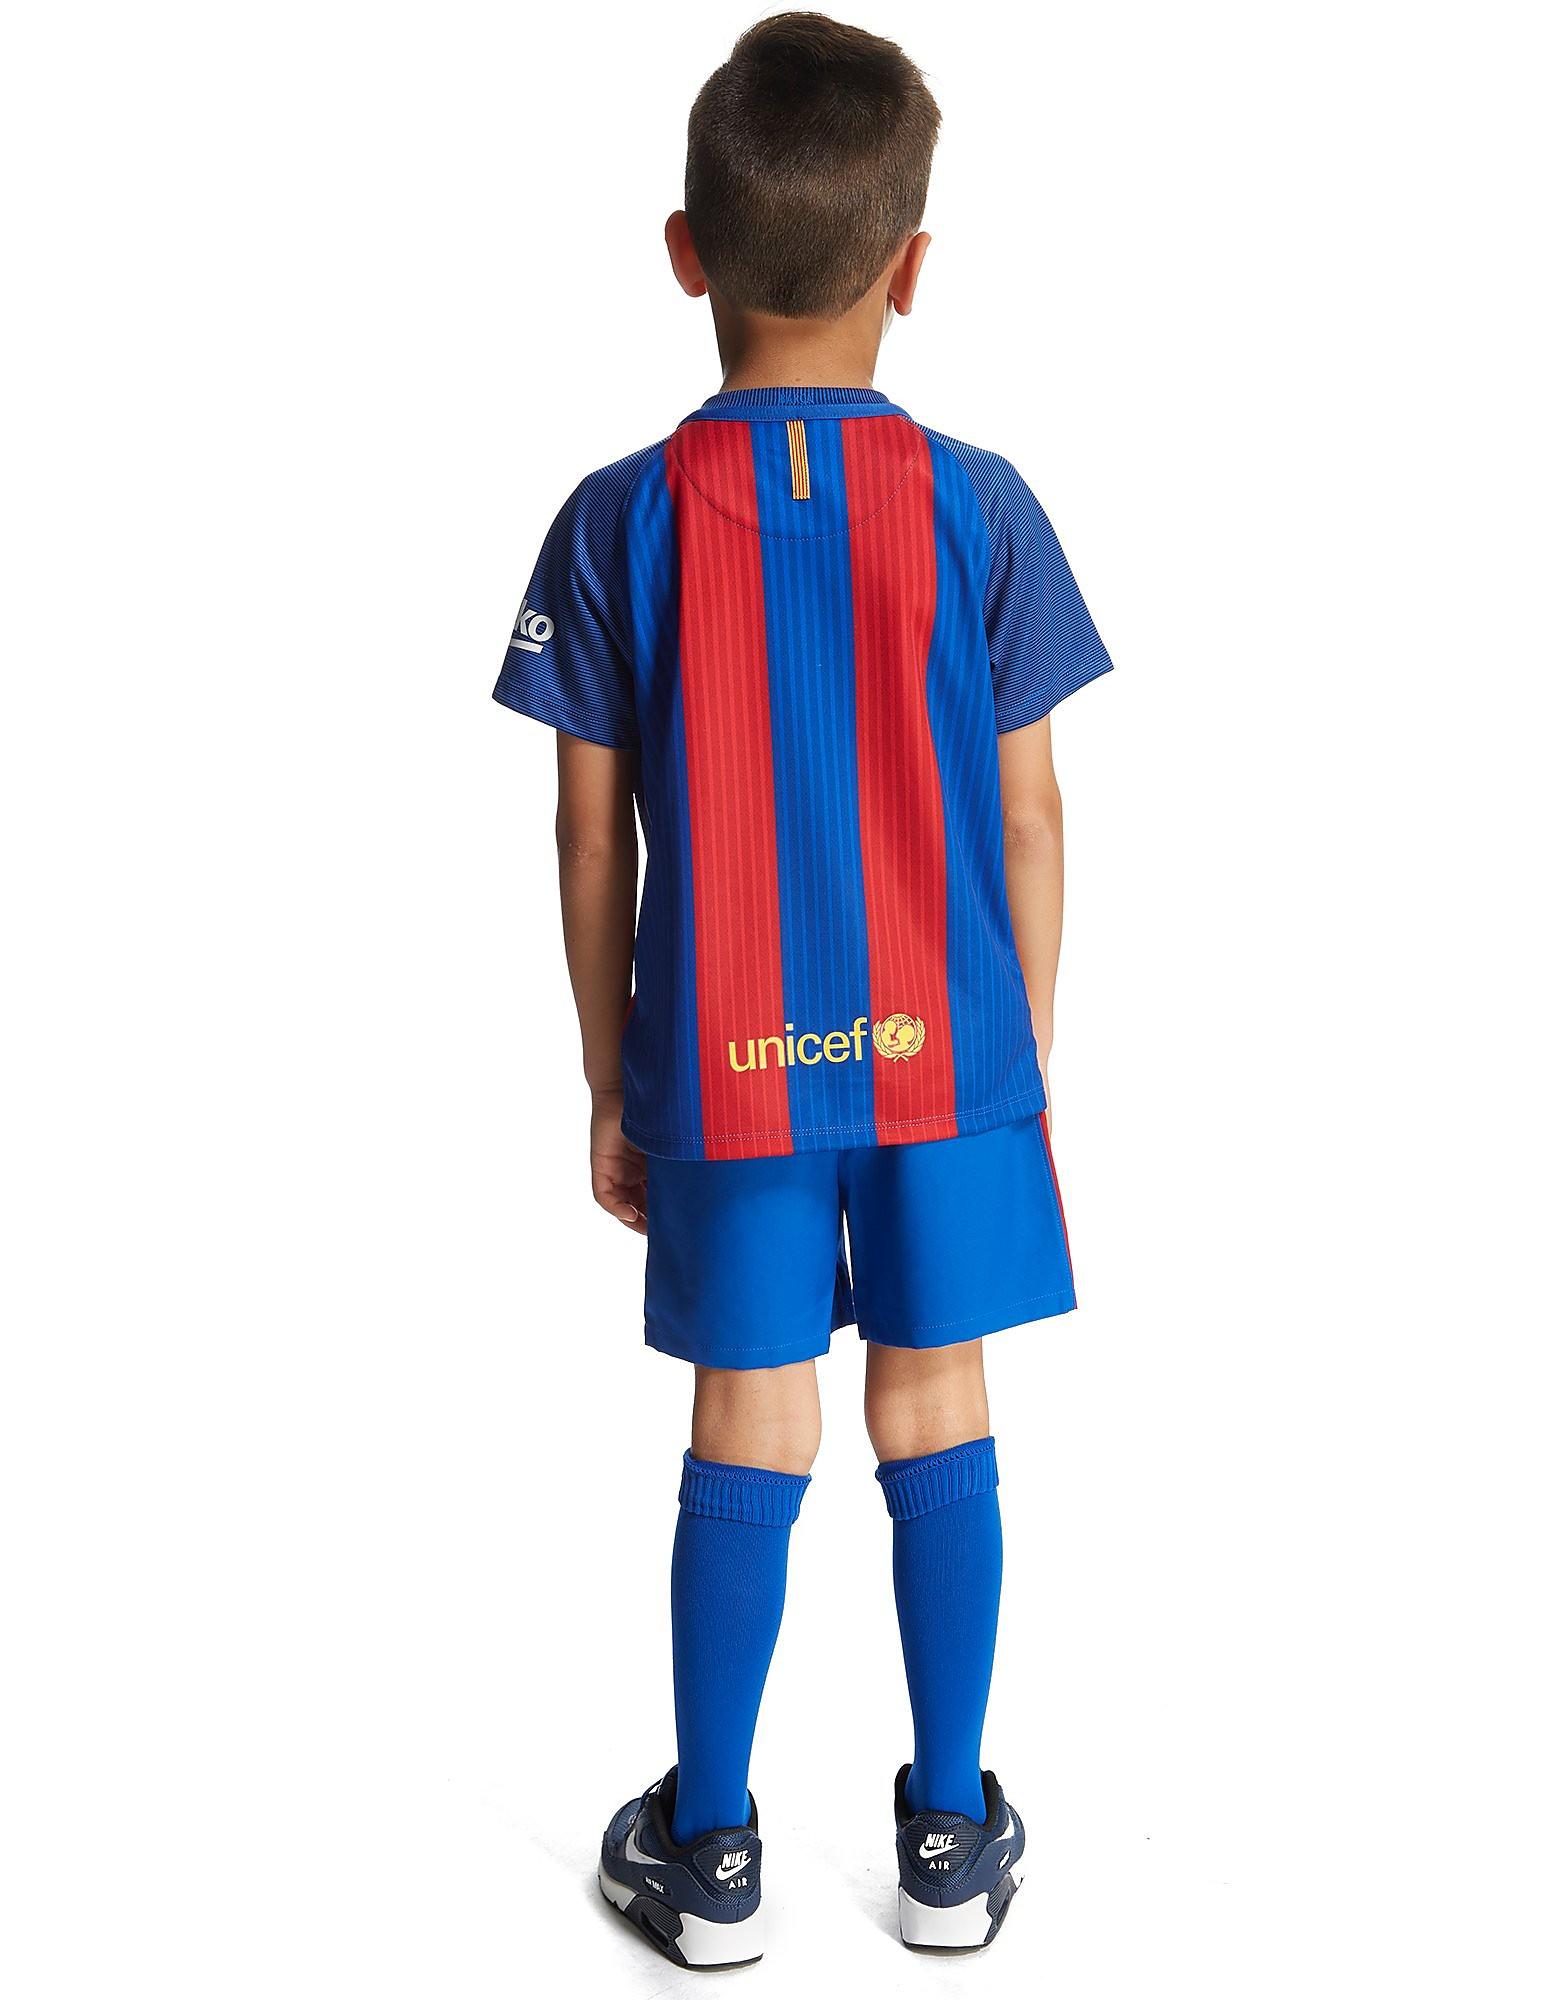 Nike FC Barcelona 2016/17 Home Kit Children